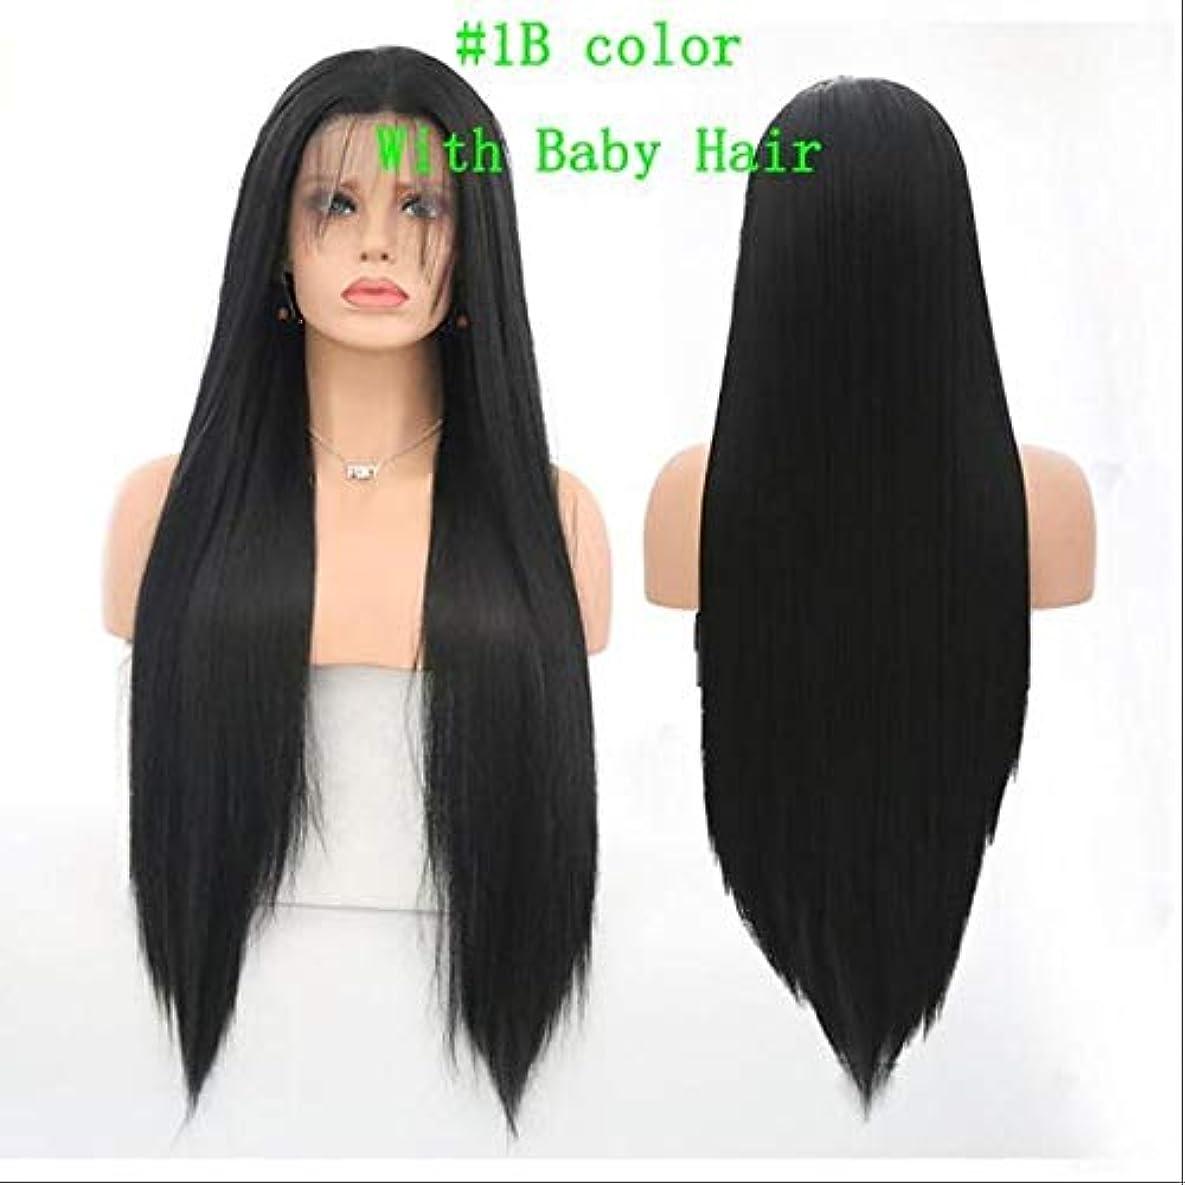 返済焼く大洪水BeTTi カリスマ性耐熱毛髪絹のような合成レースフロントかつらセクシーな女性フルかつらナチュラルカラー耐熱安いパーティーのためのかつら日常的なドレス高密度 (Color : 1B with Baby Hair, Stretched Length : 24inches)